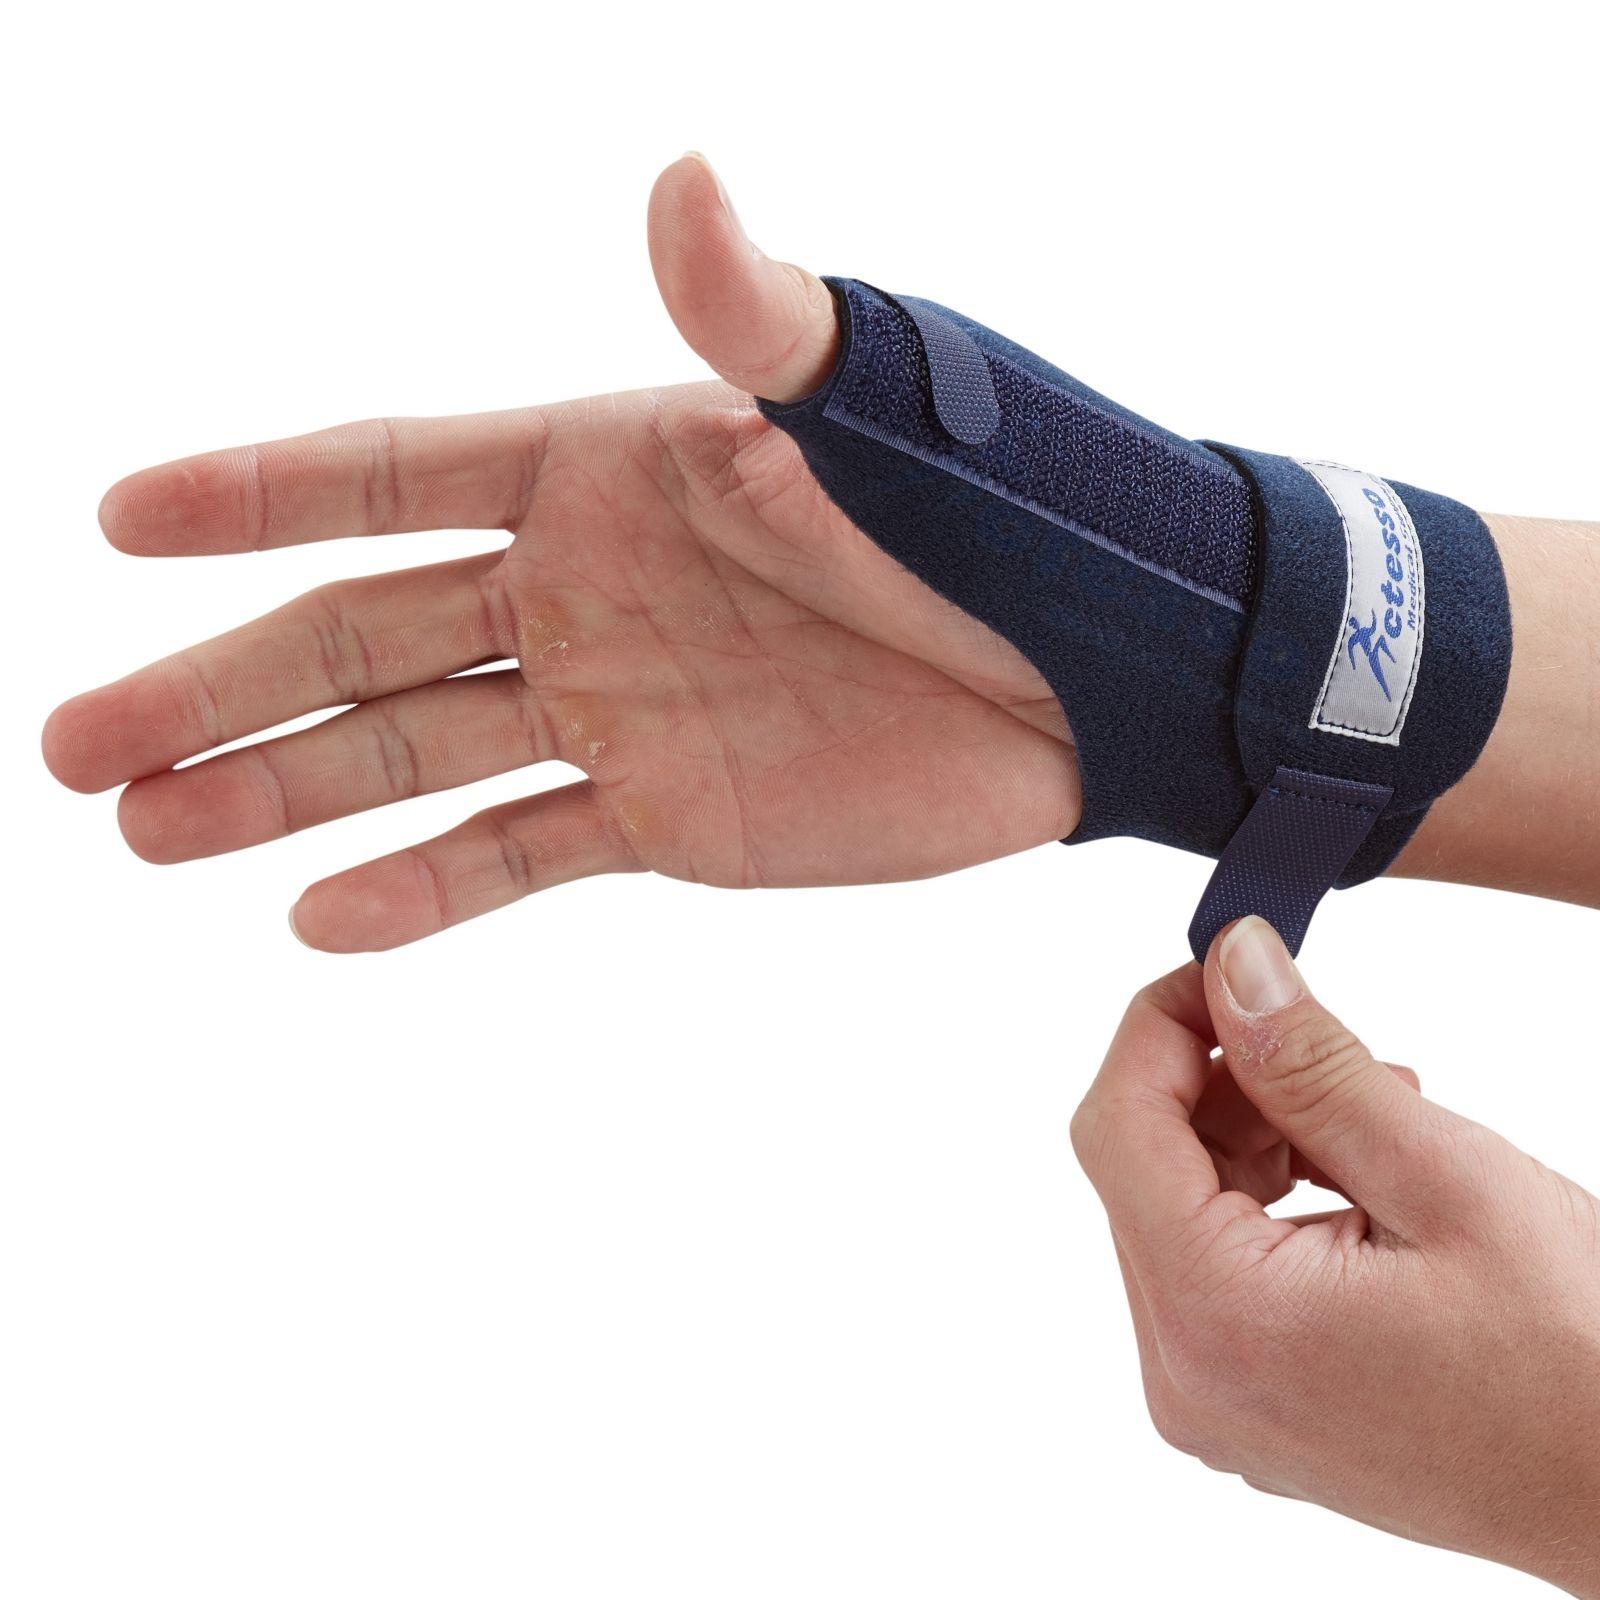 Blue Thumb Spica Support Strap - De Quervains Splint Brace ...